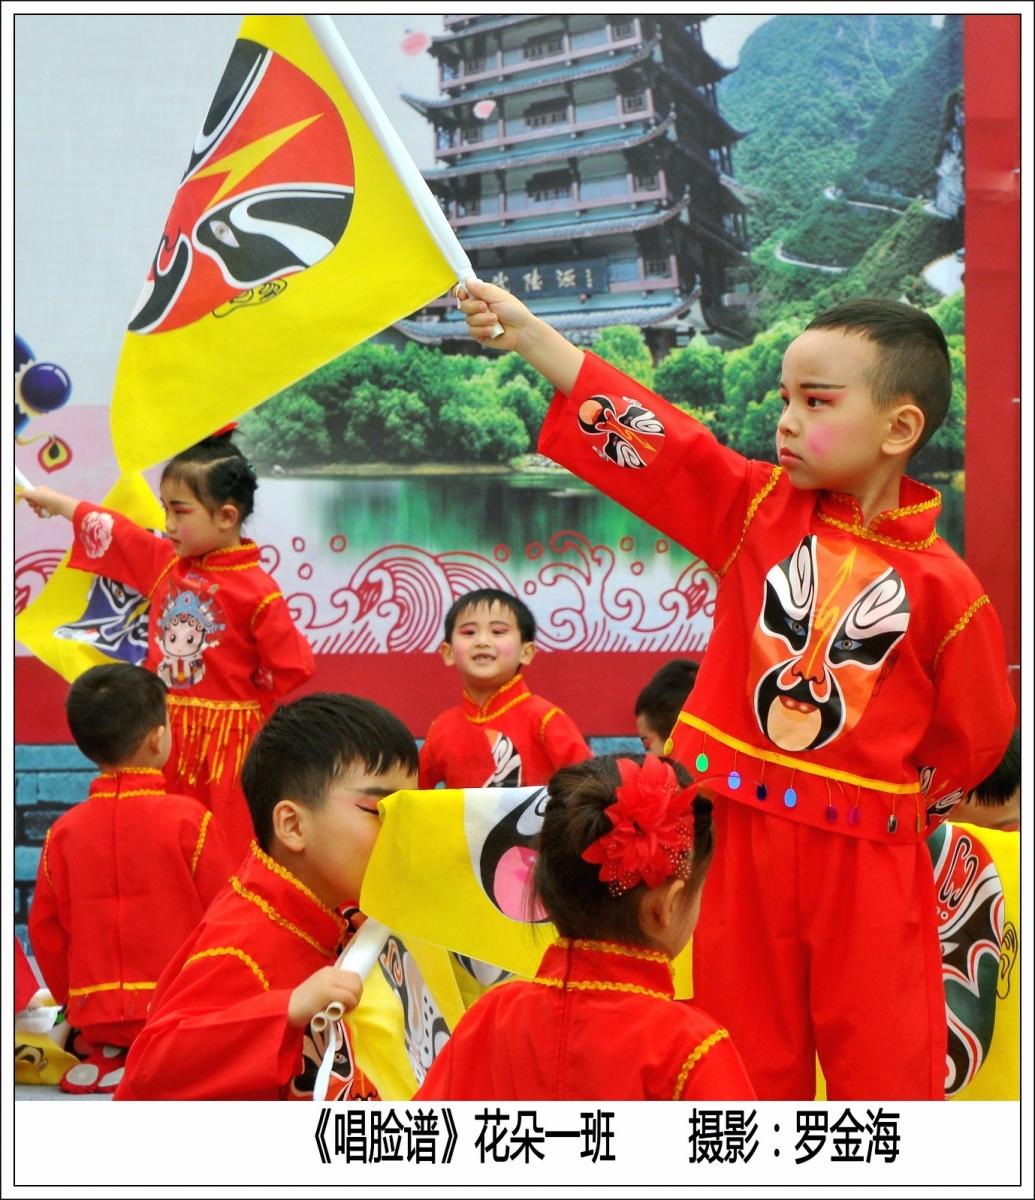 六一儿童节(诗文)_图1-5